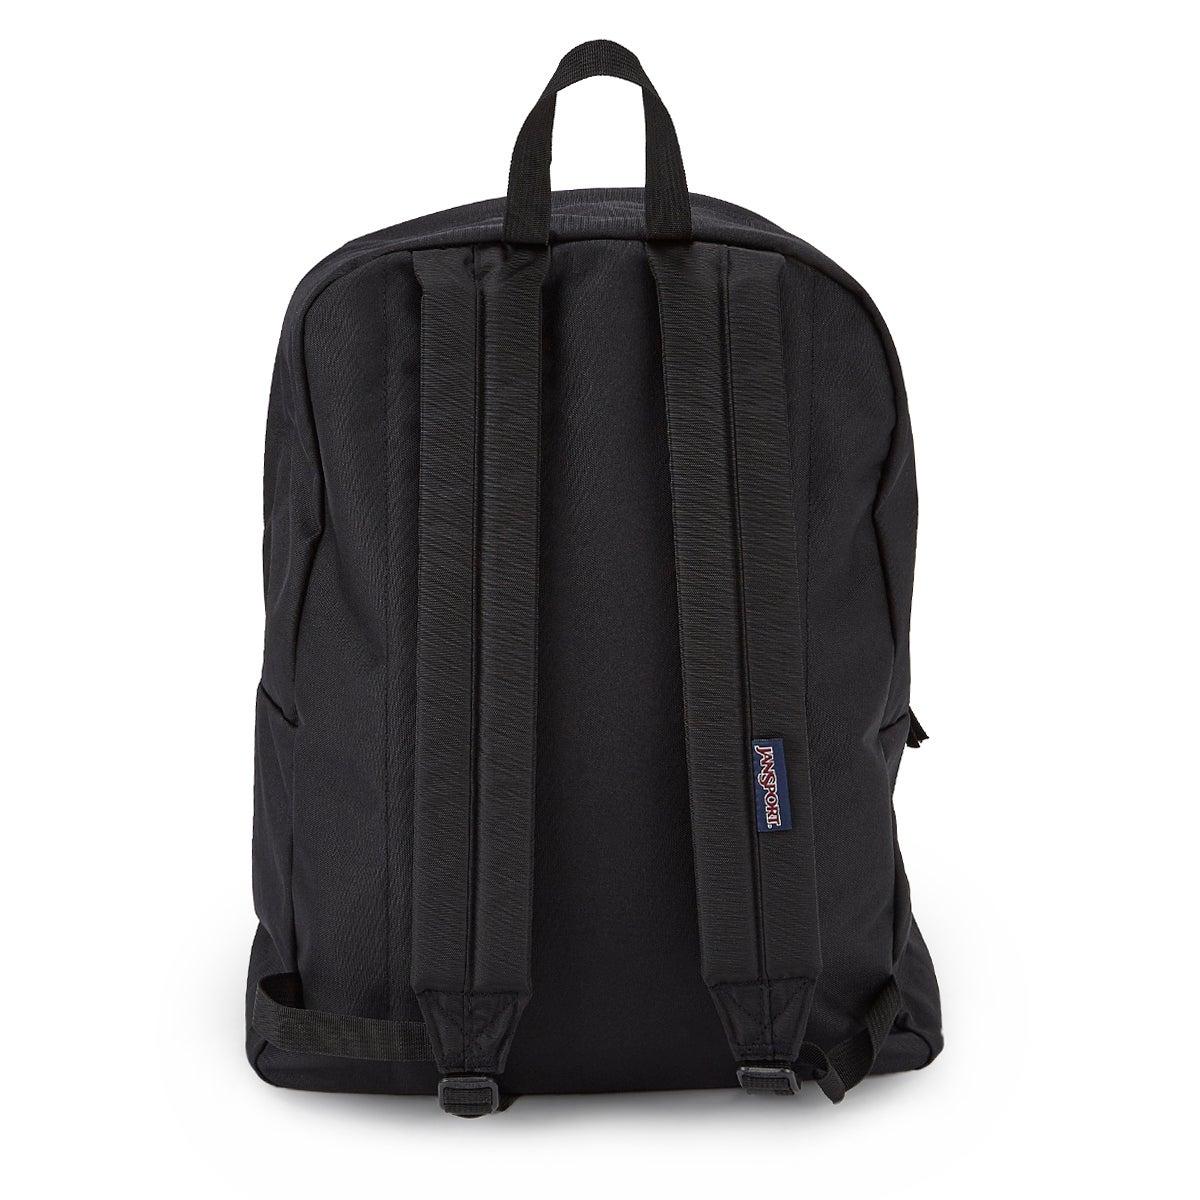 Jansport Superbreak black backpack